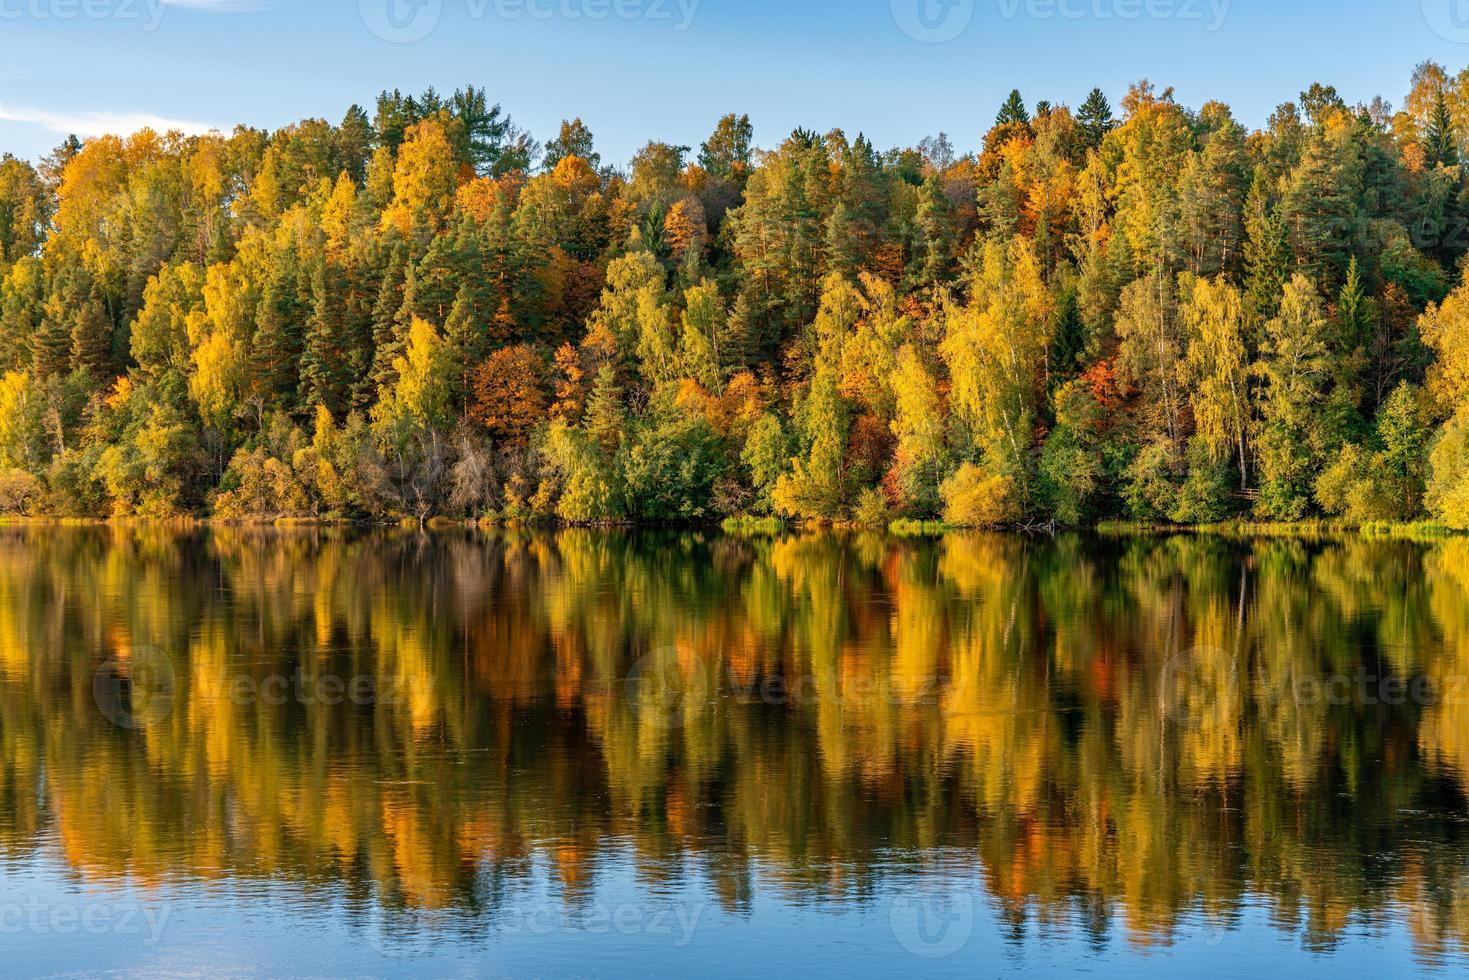 arbres colorés d'automne le long d'une rivière qui brille au soleil photo